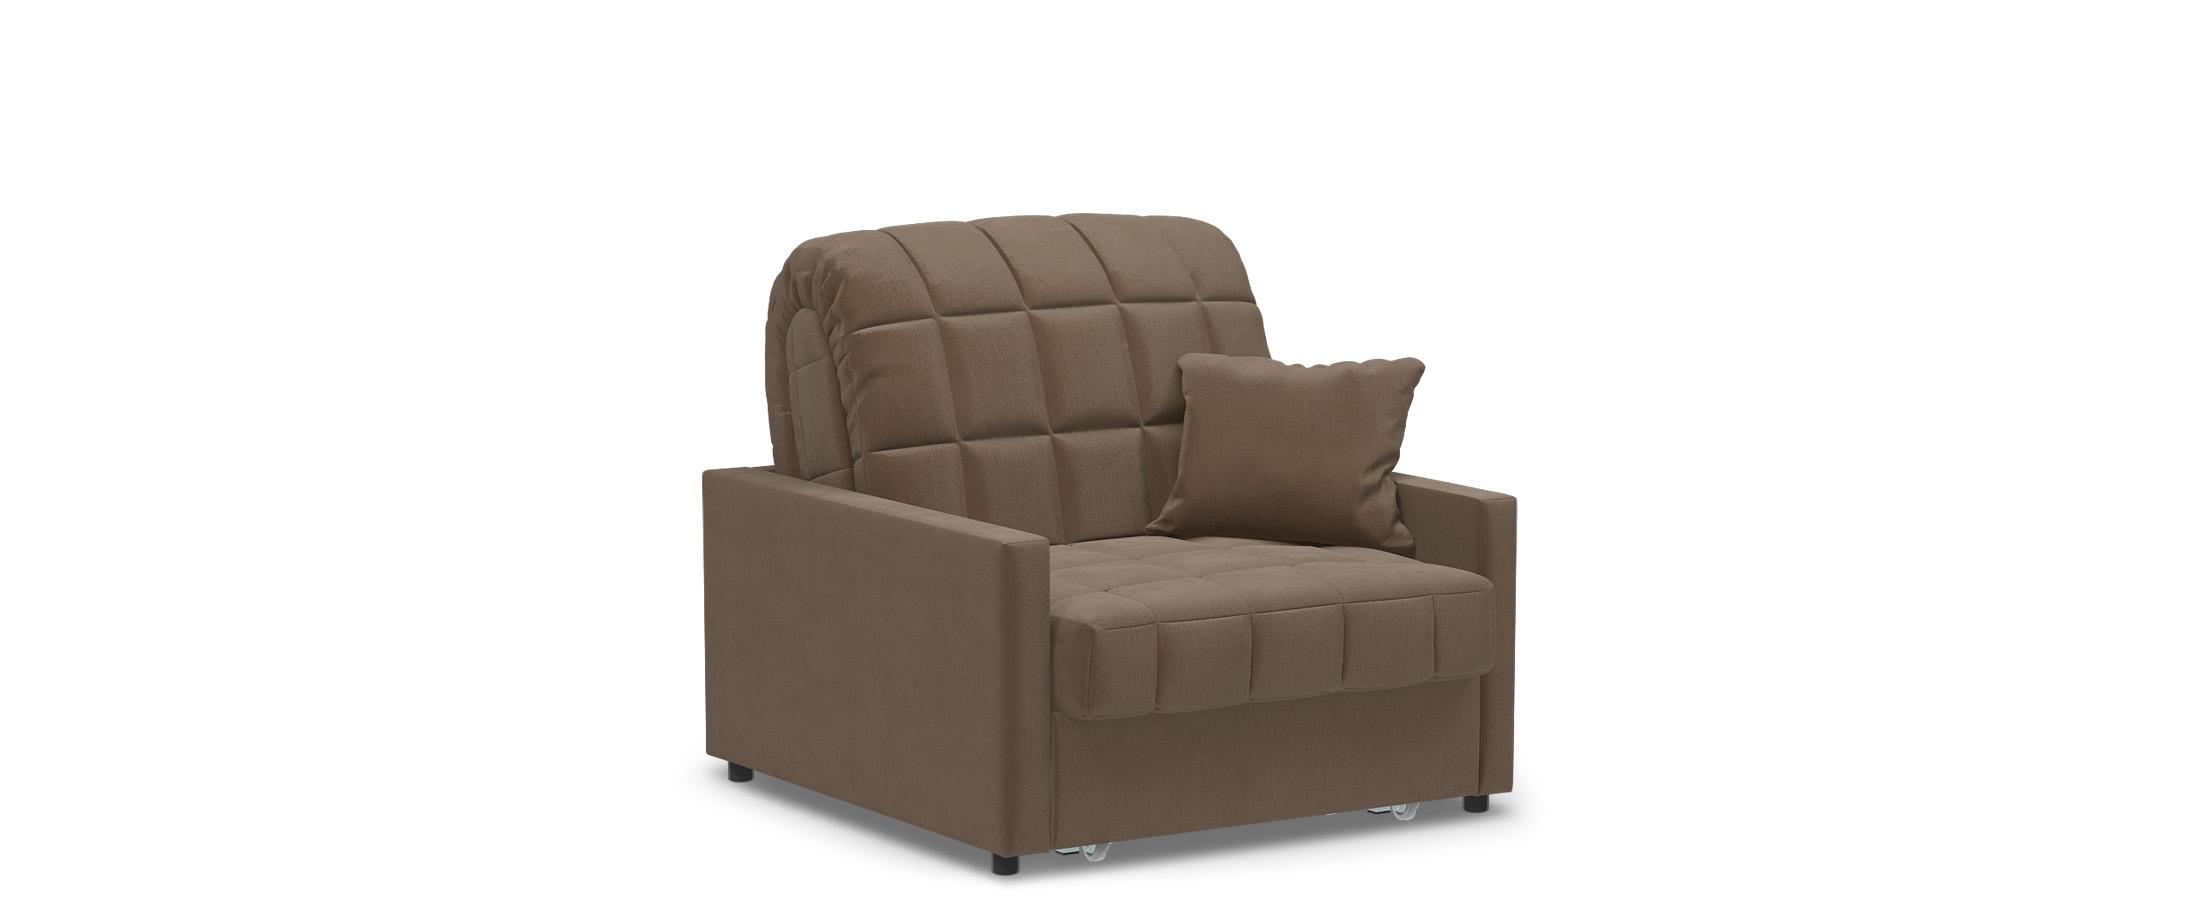 Кресло-кровать Дублин 134 фото